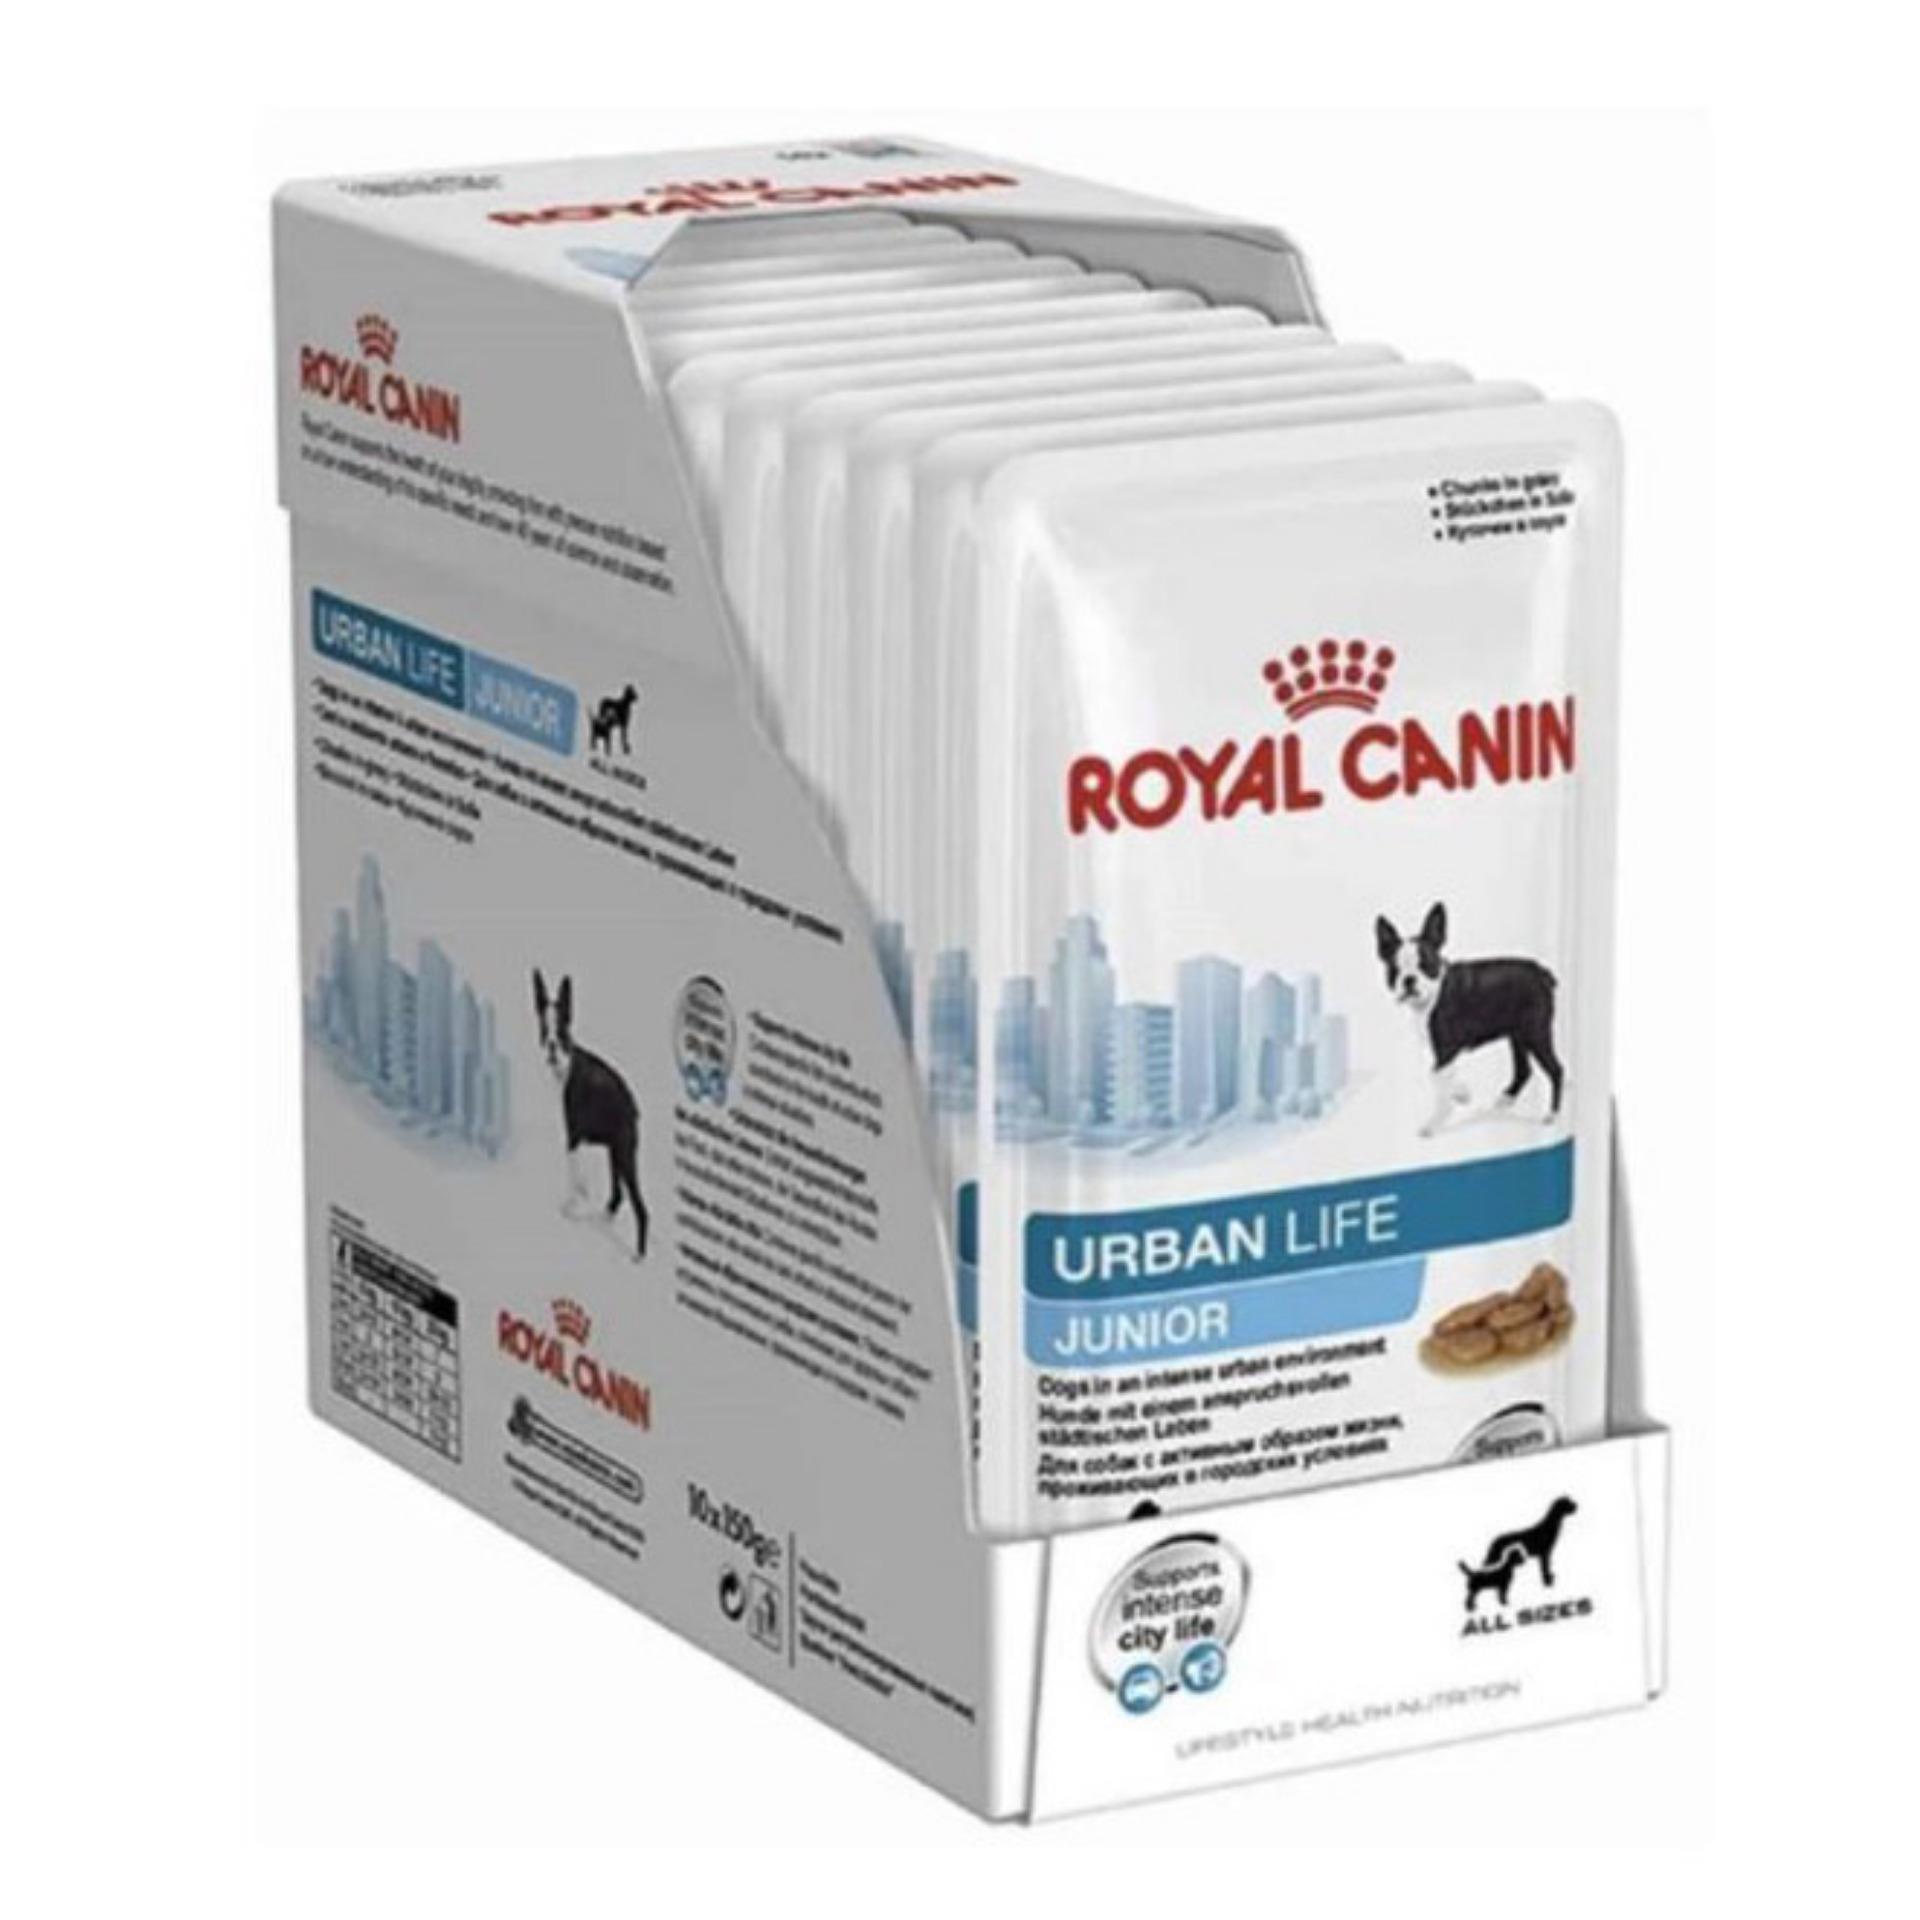 Royal Canin Urban Life Junior Dog 10x150g